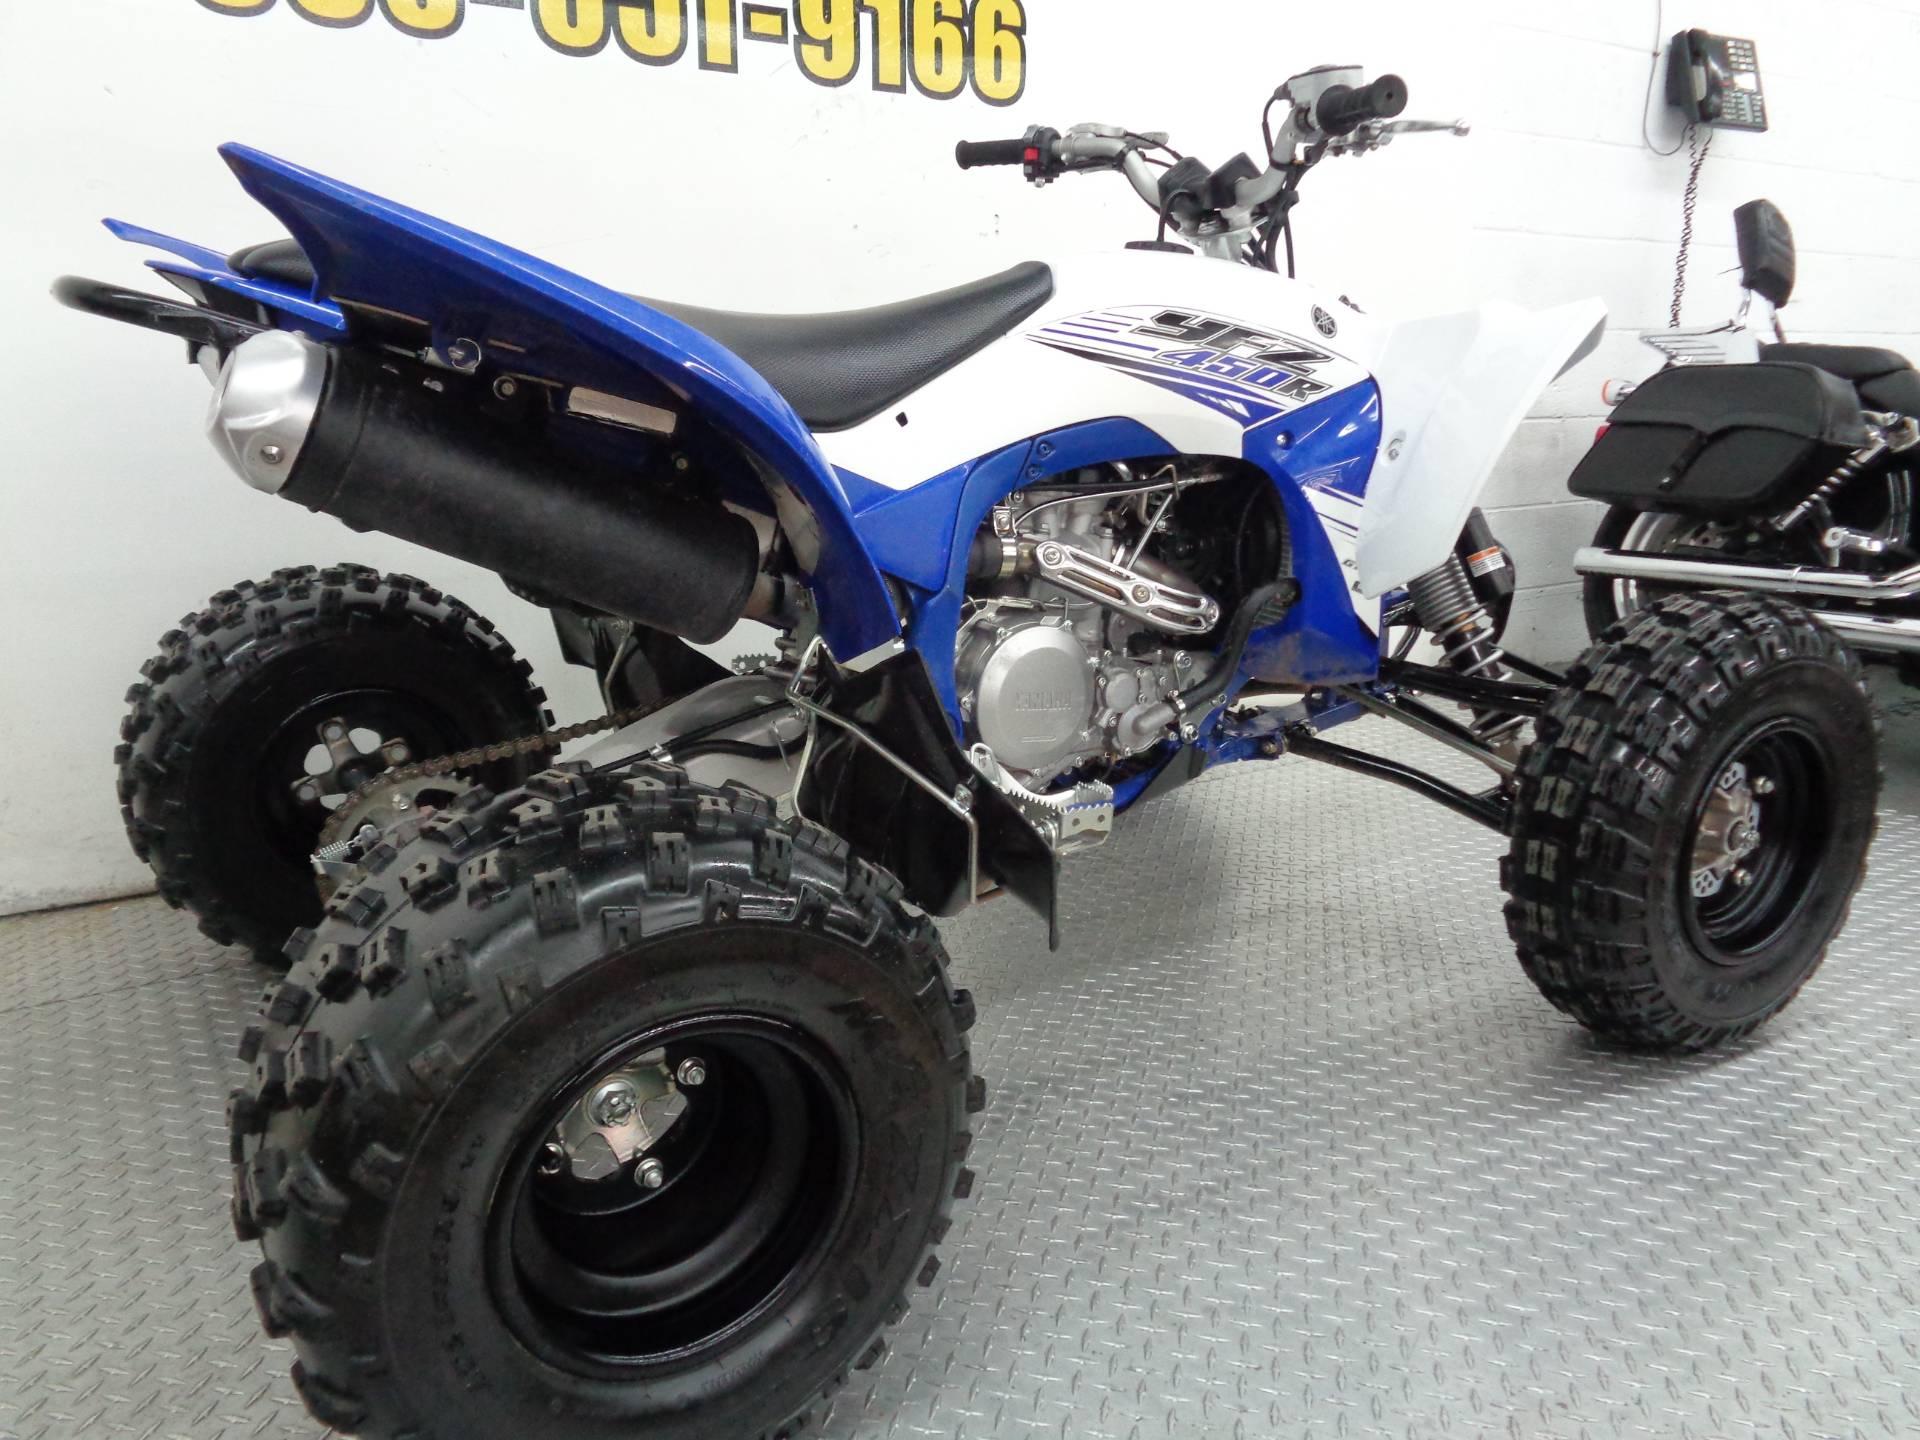 2016 Yamaha YFZ450R 5